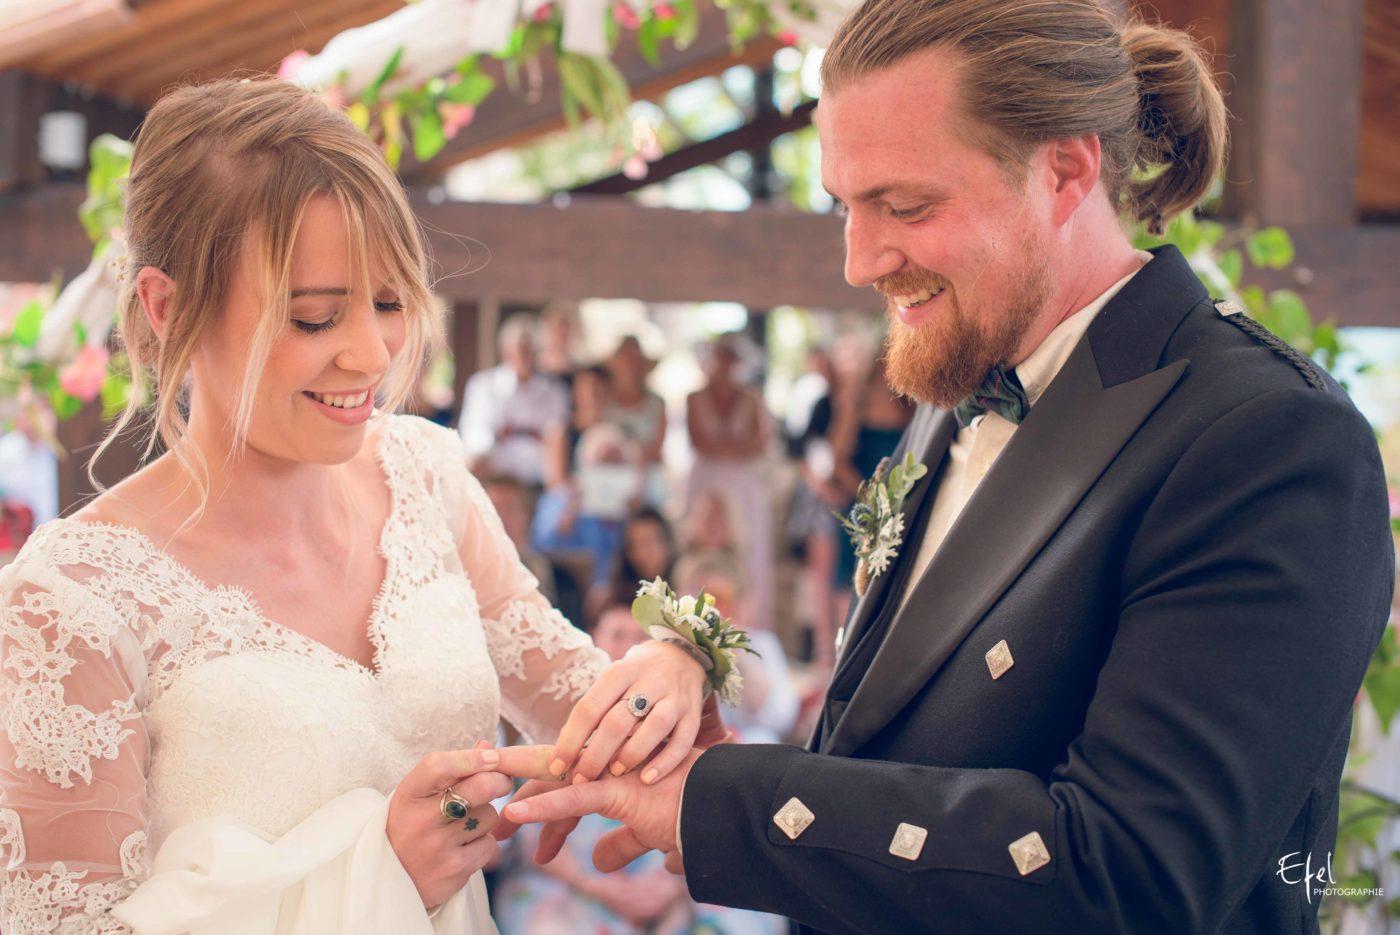 L'échange des alliances, les sourires des époux - mariage gap, mariage hautes alpes, mariage Paca